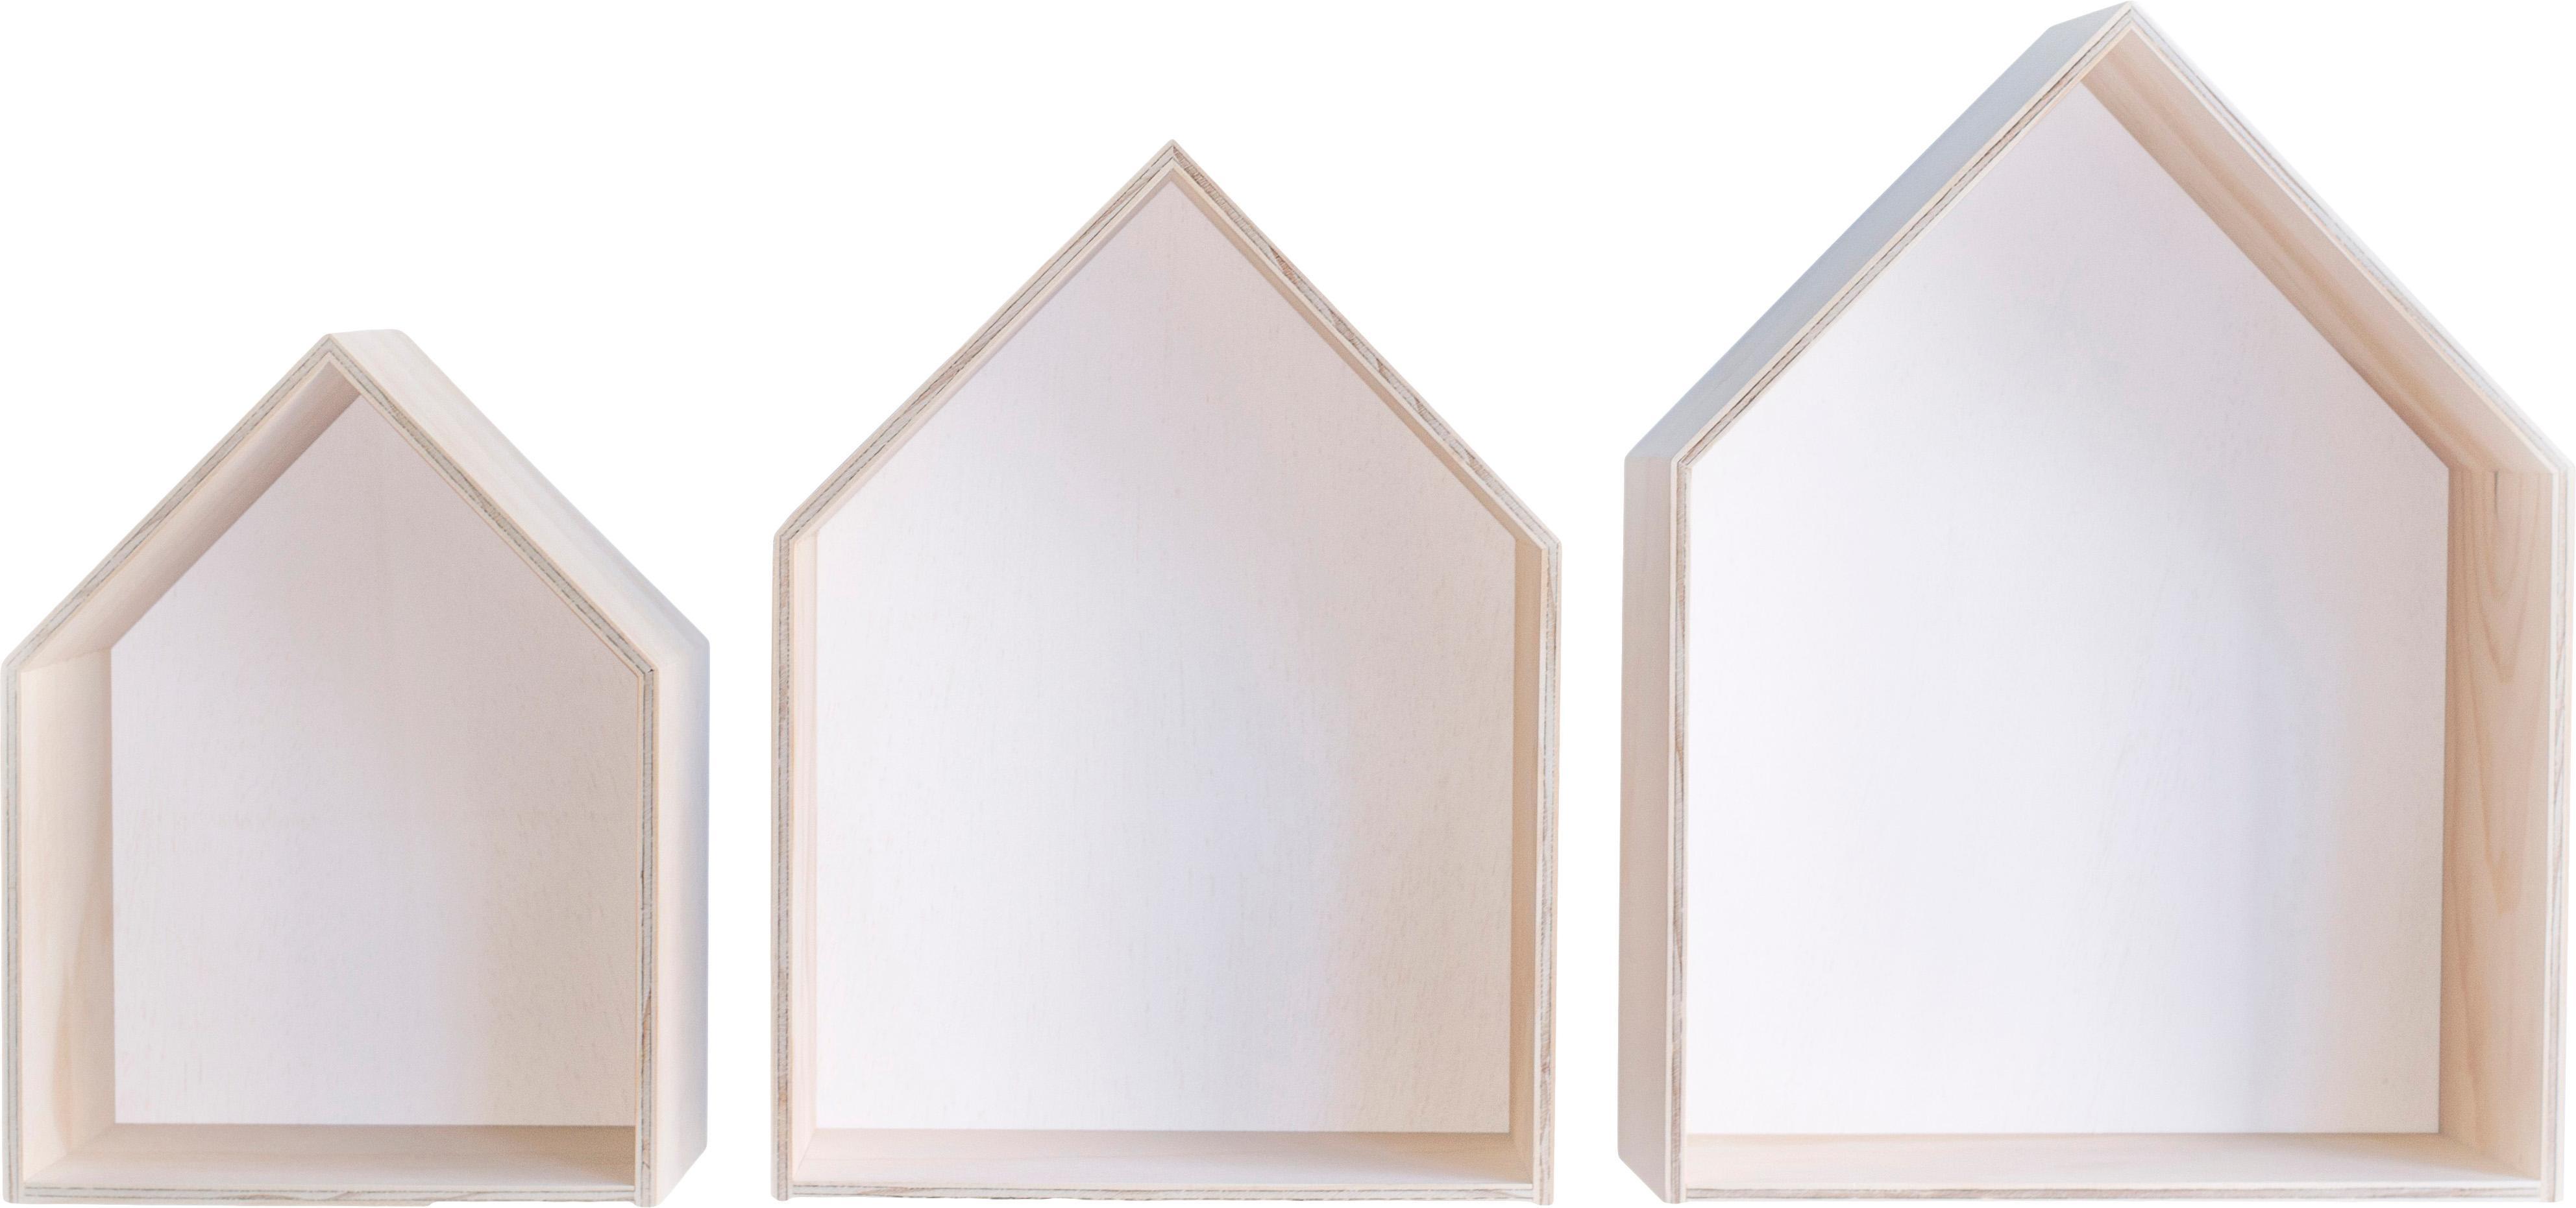 Wandregal-Set Blanca, 3-tlg., Sperrholz, Hellbraun, Weiss, Verschiedene Grössen